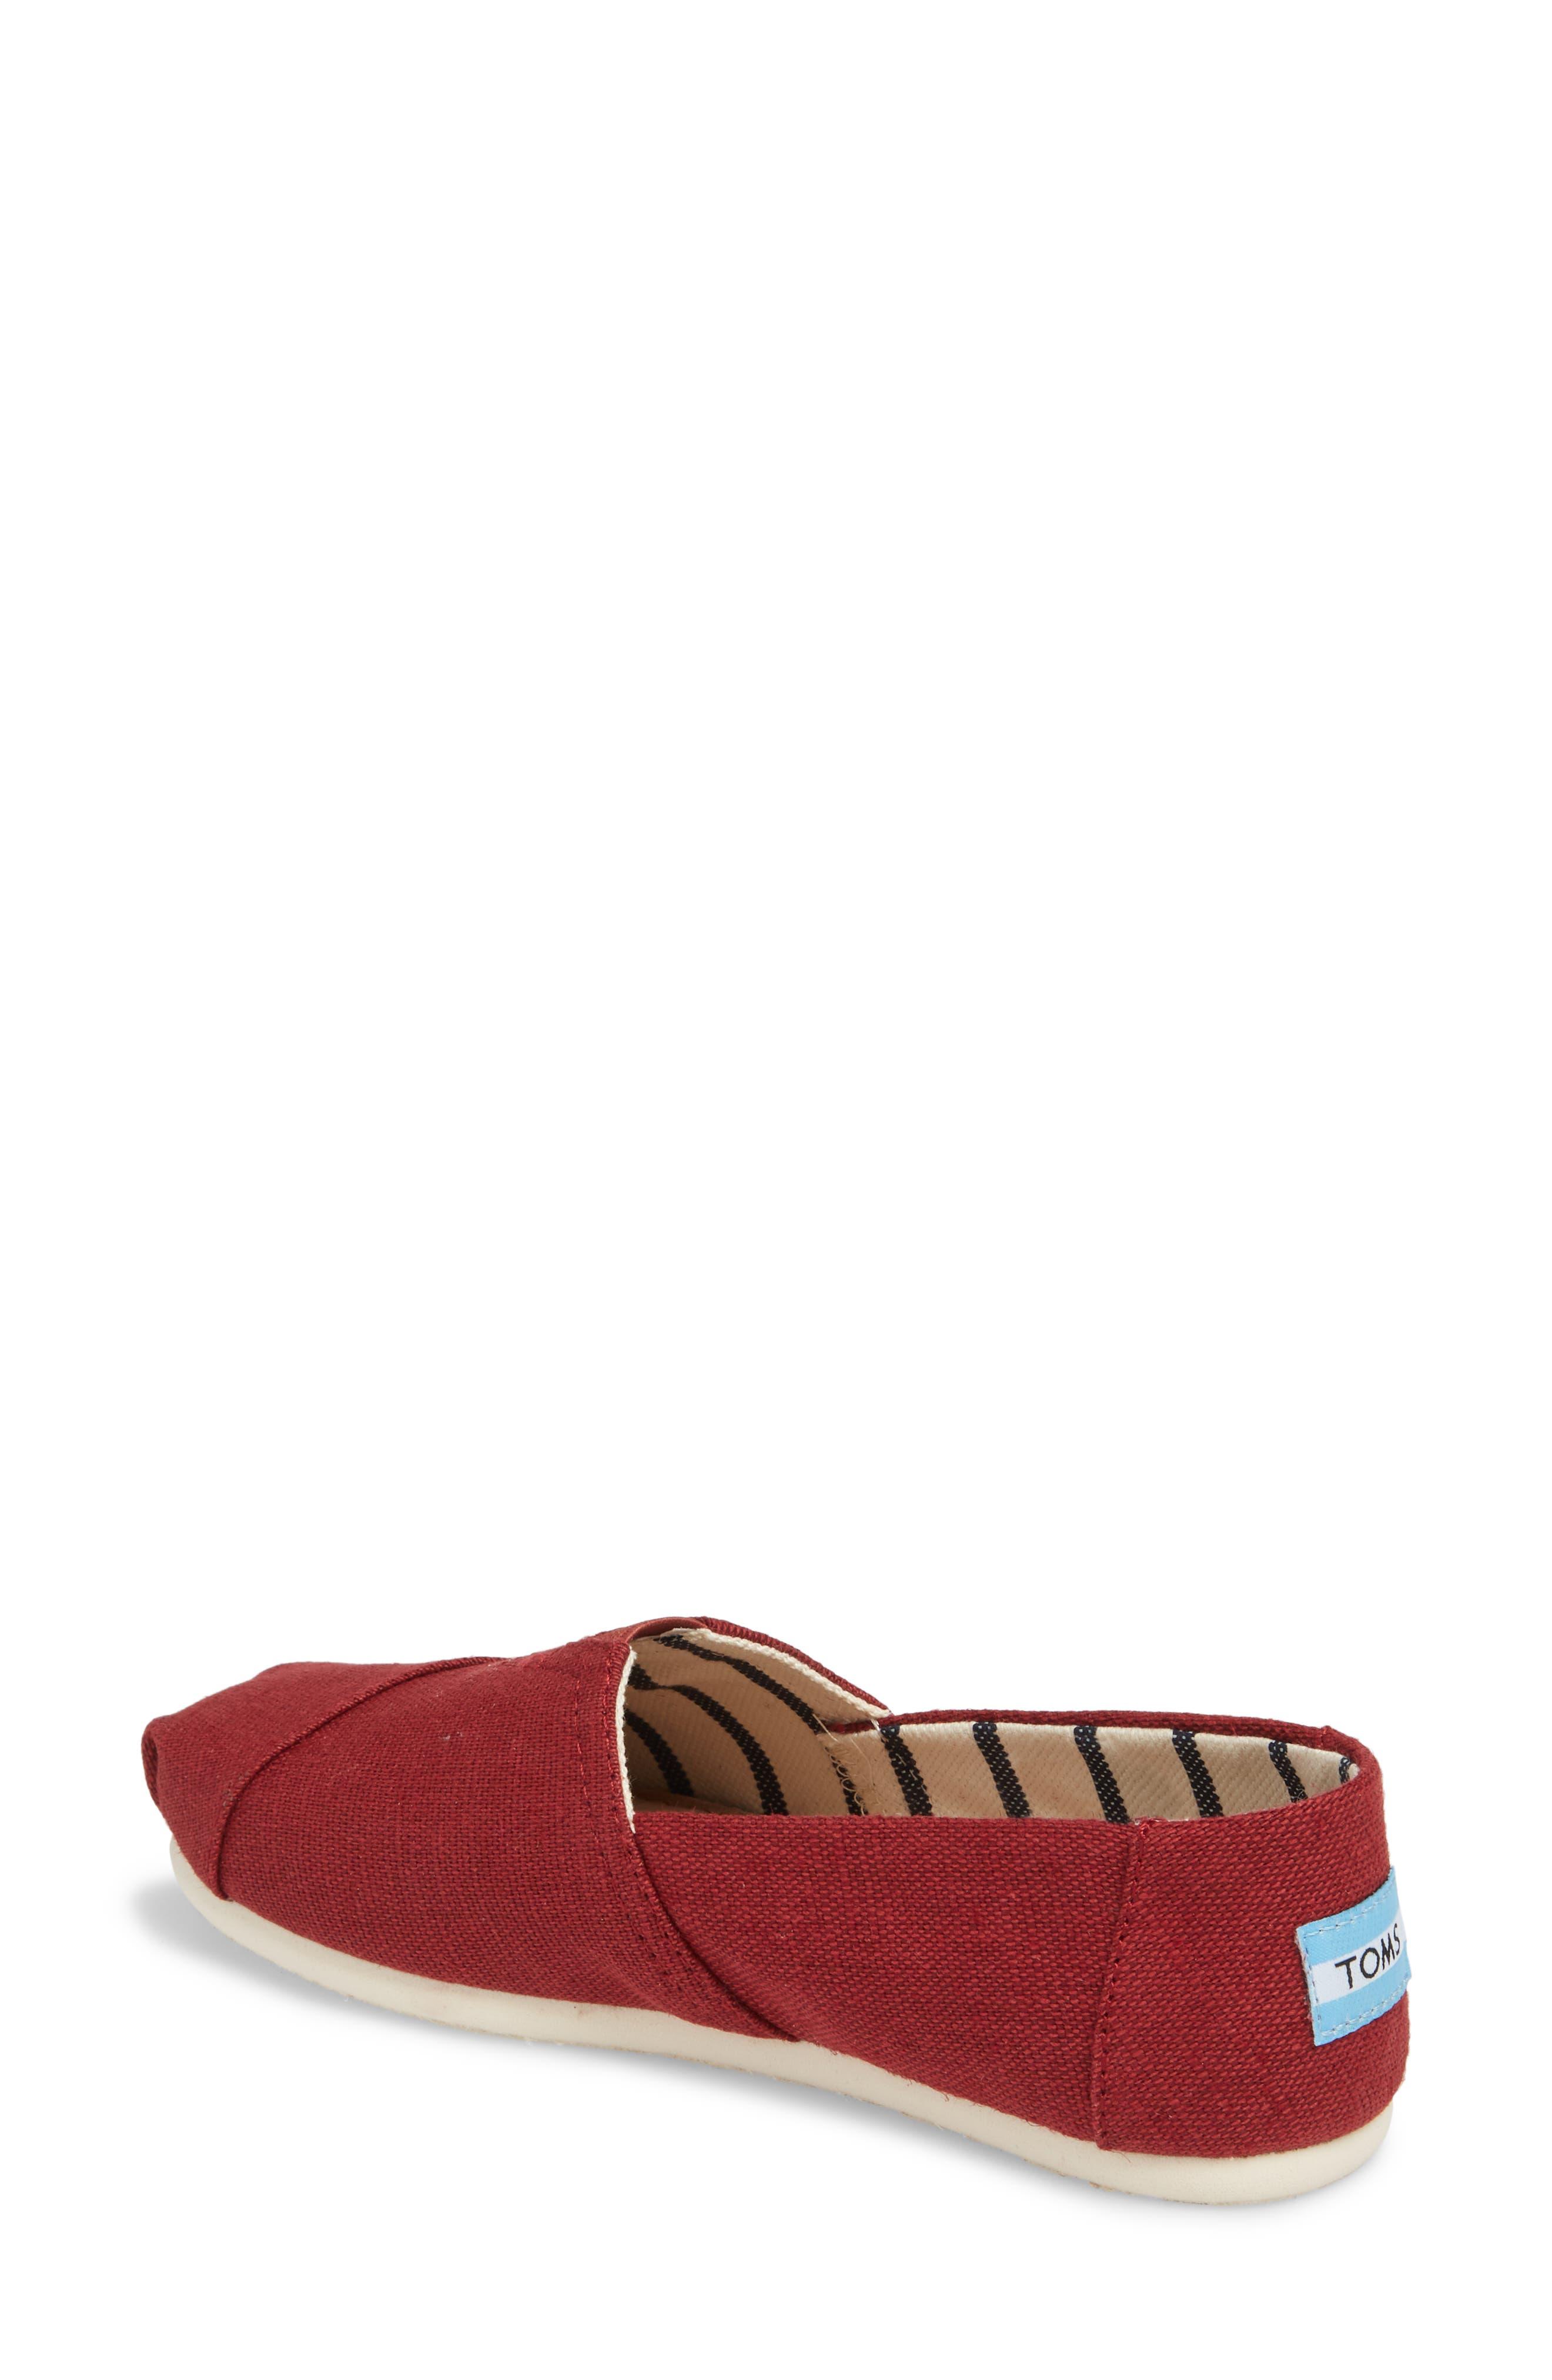 398fcfb6cec Women's TOMS Shoes | Nordstrom